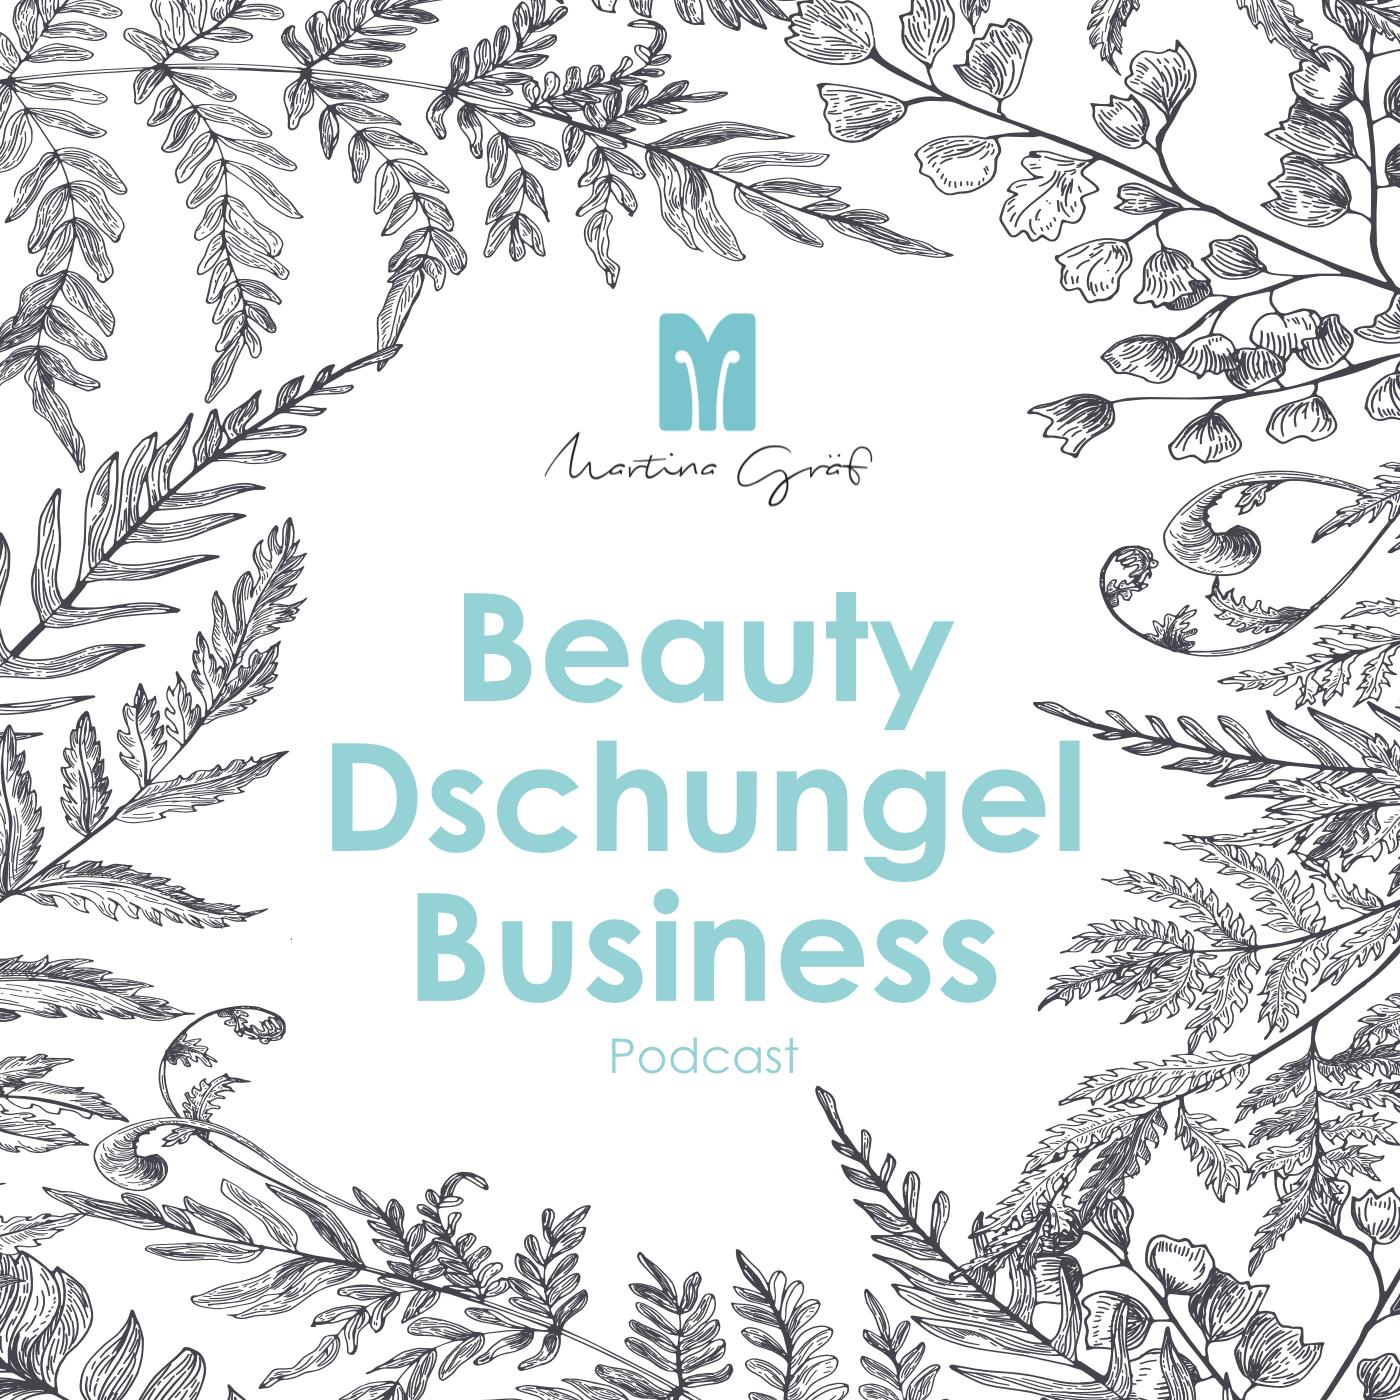 Beauty Dschungel Business Podcast show art